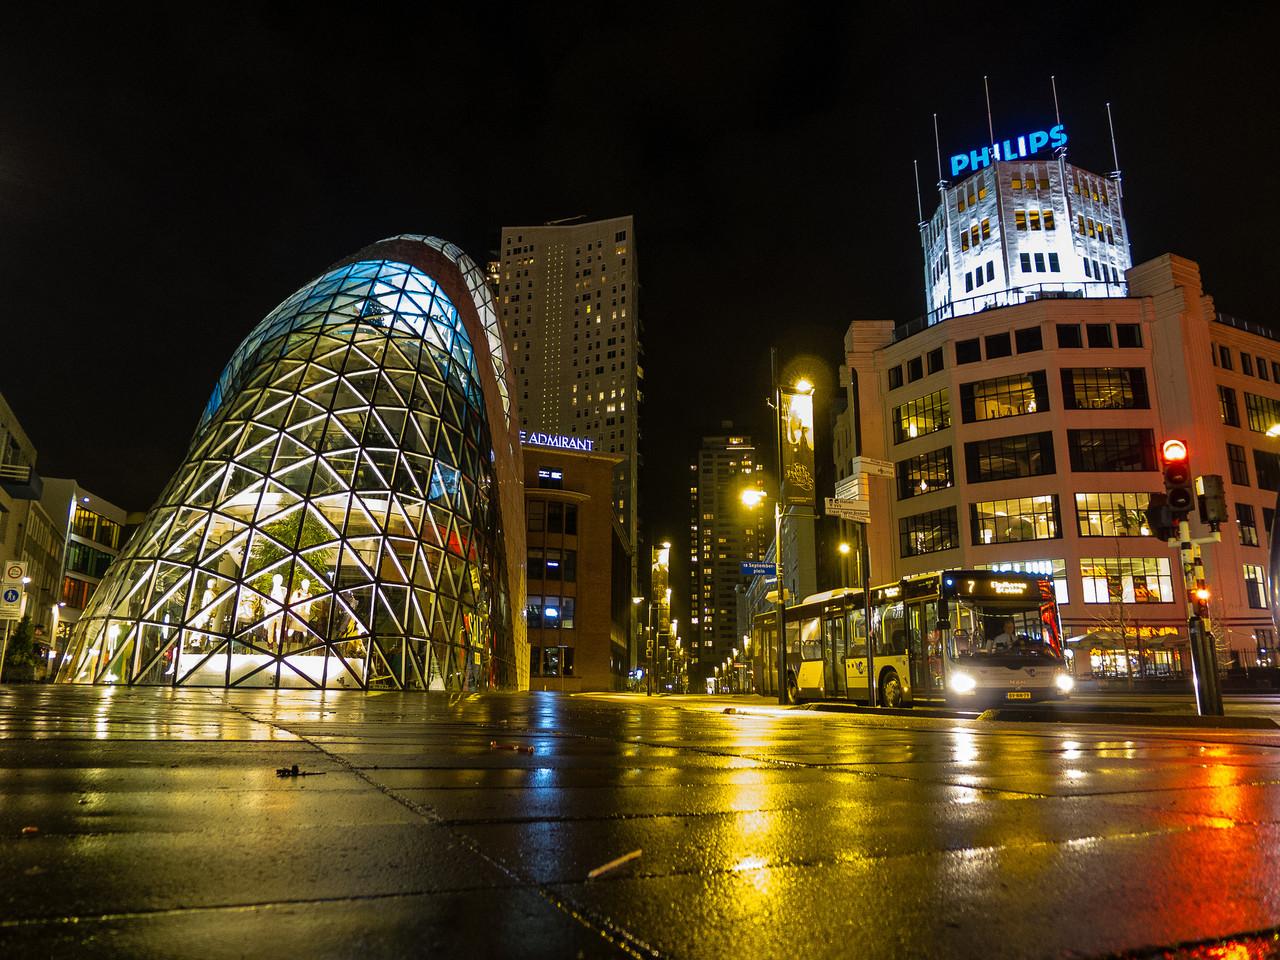 Eindhoven.original.30320.jpg